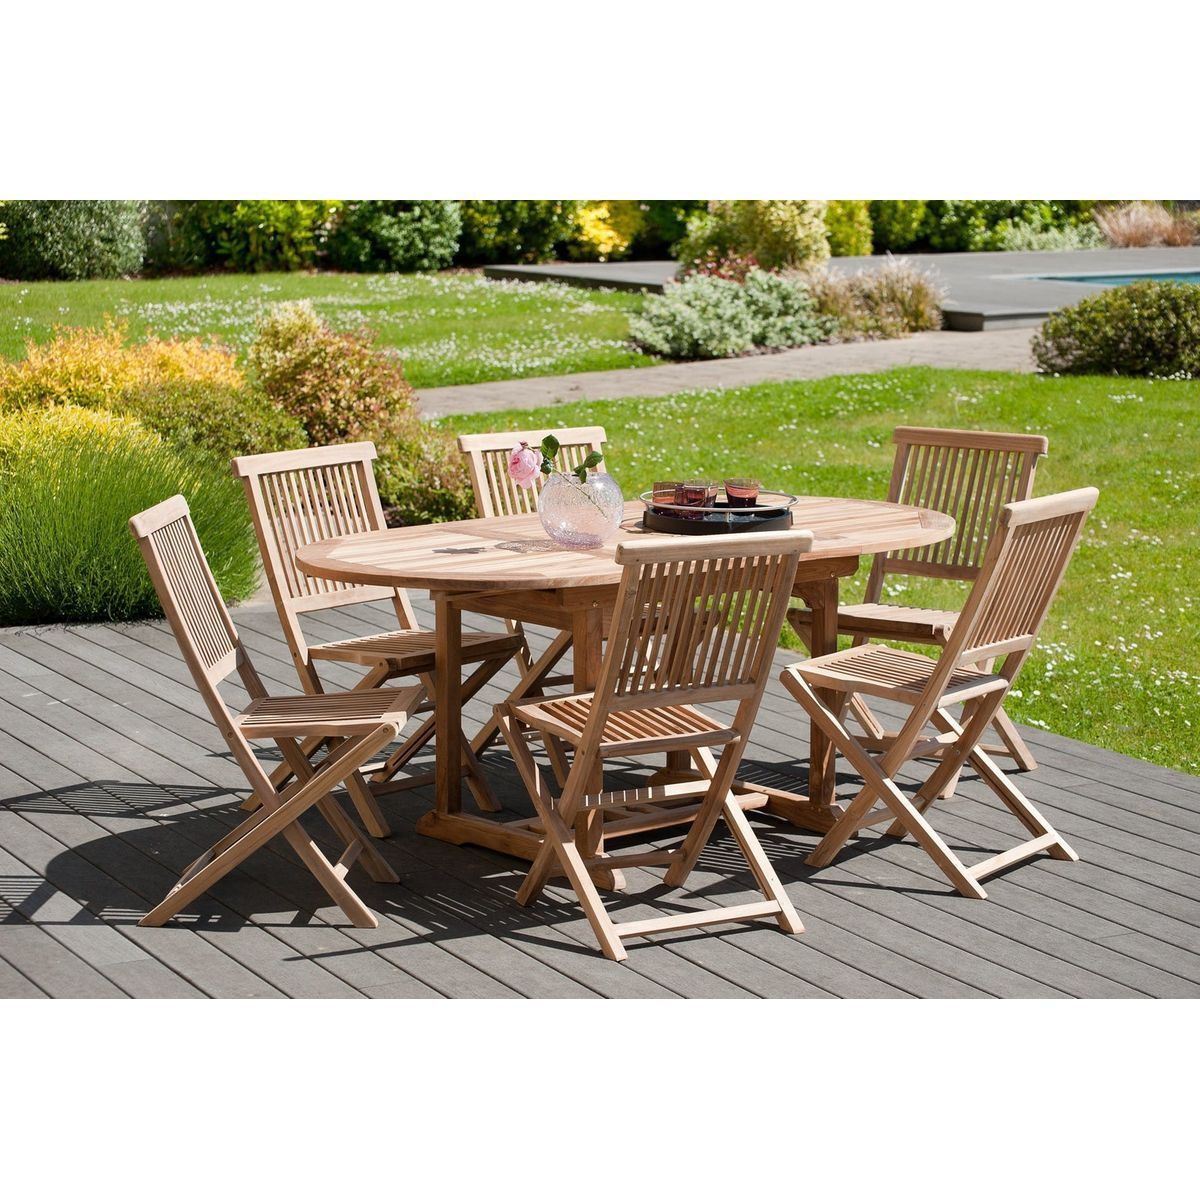 Salon De Jardin Table D Exterieur Extensible Ovale 120 180x90cm 6